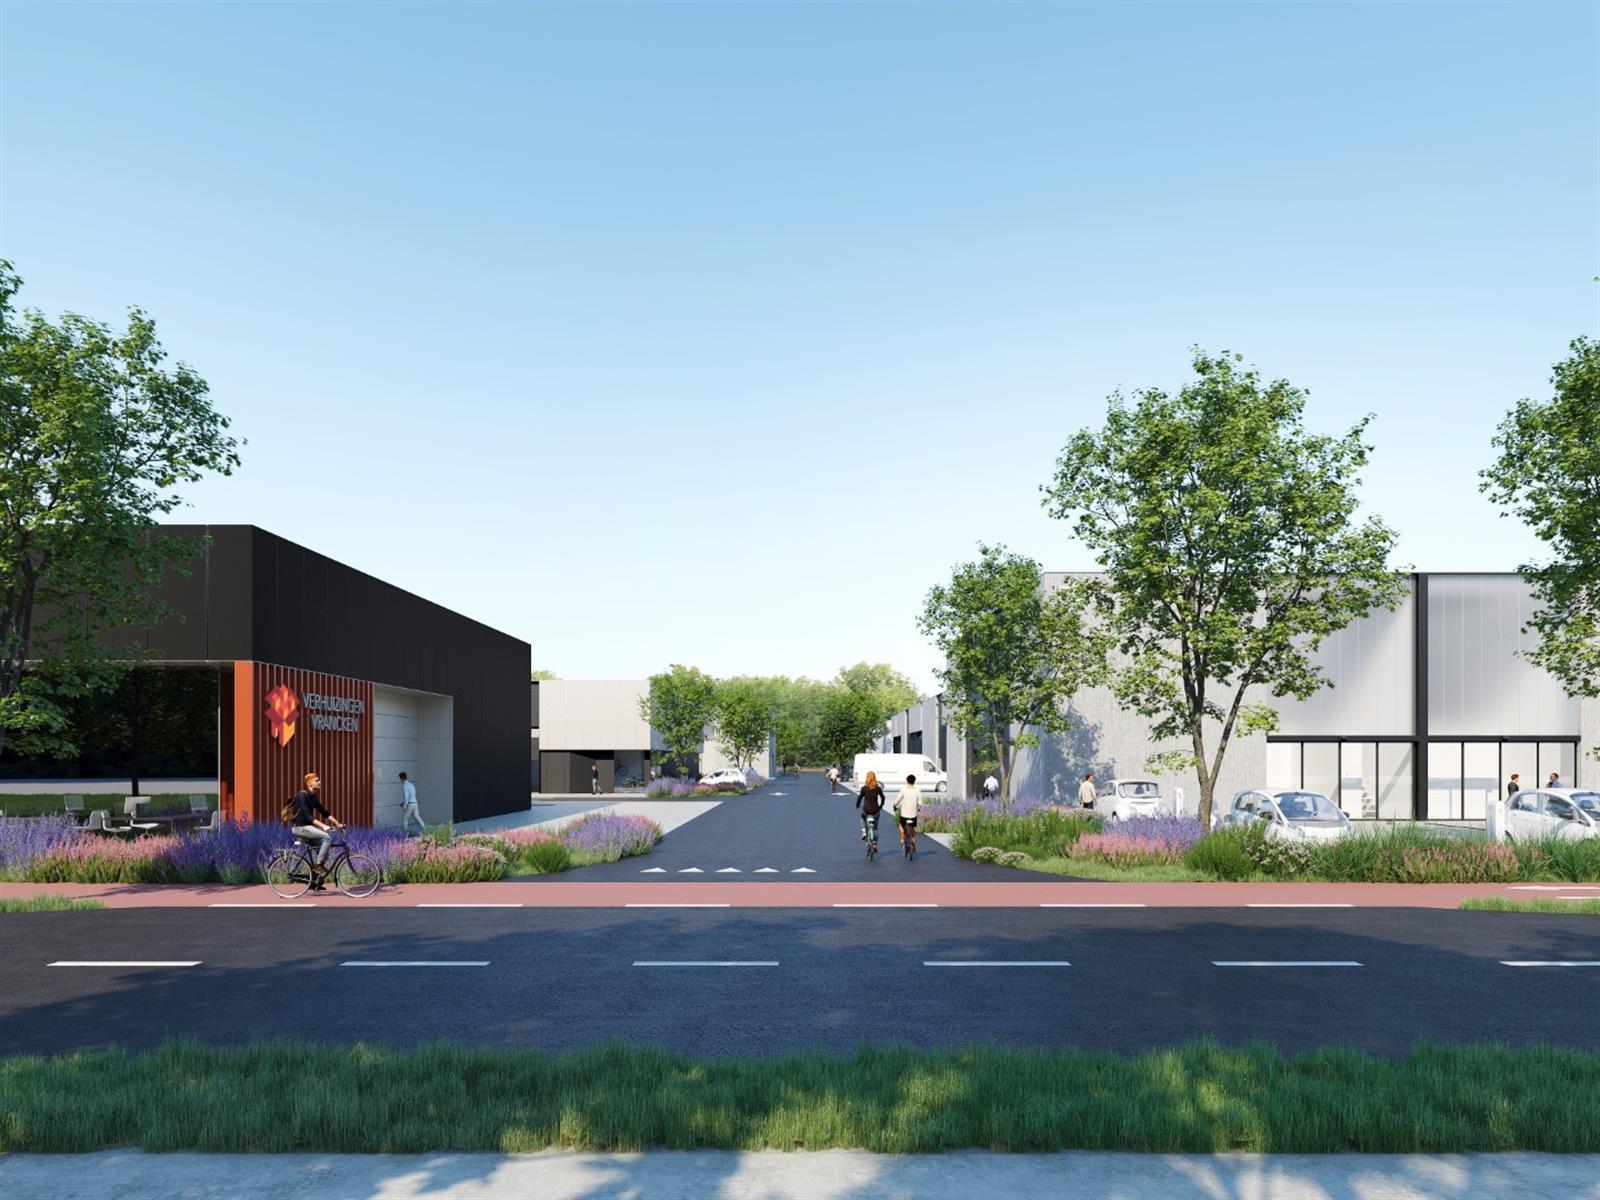 KMO-unit te koop Heros Businesspark KMO Unit 5 - Herkenrodesingel 10, 3500 Hasselt, België 5